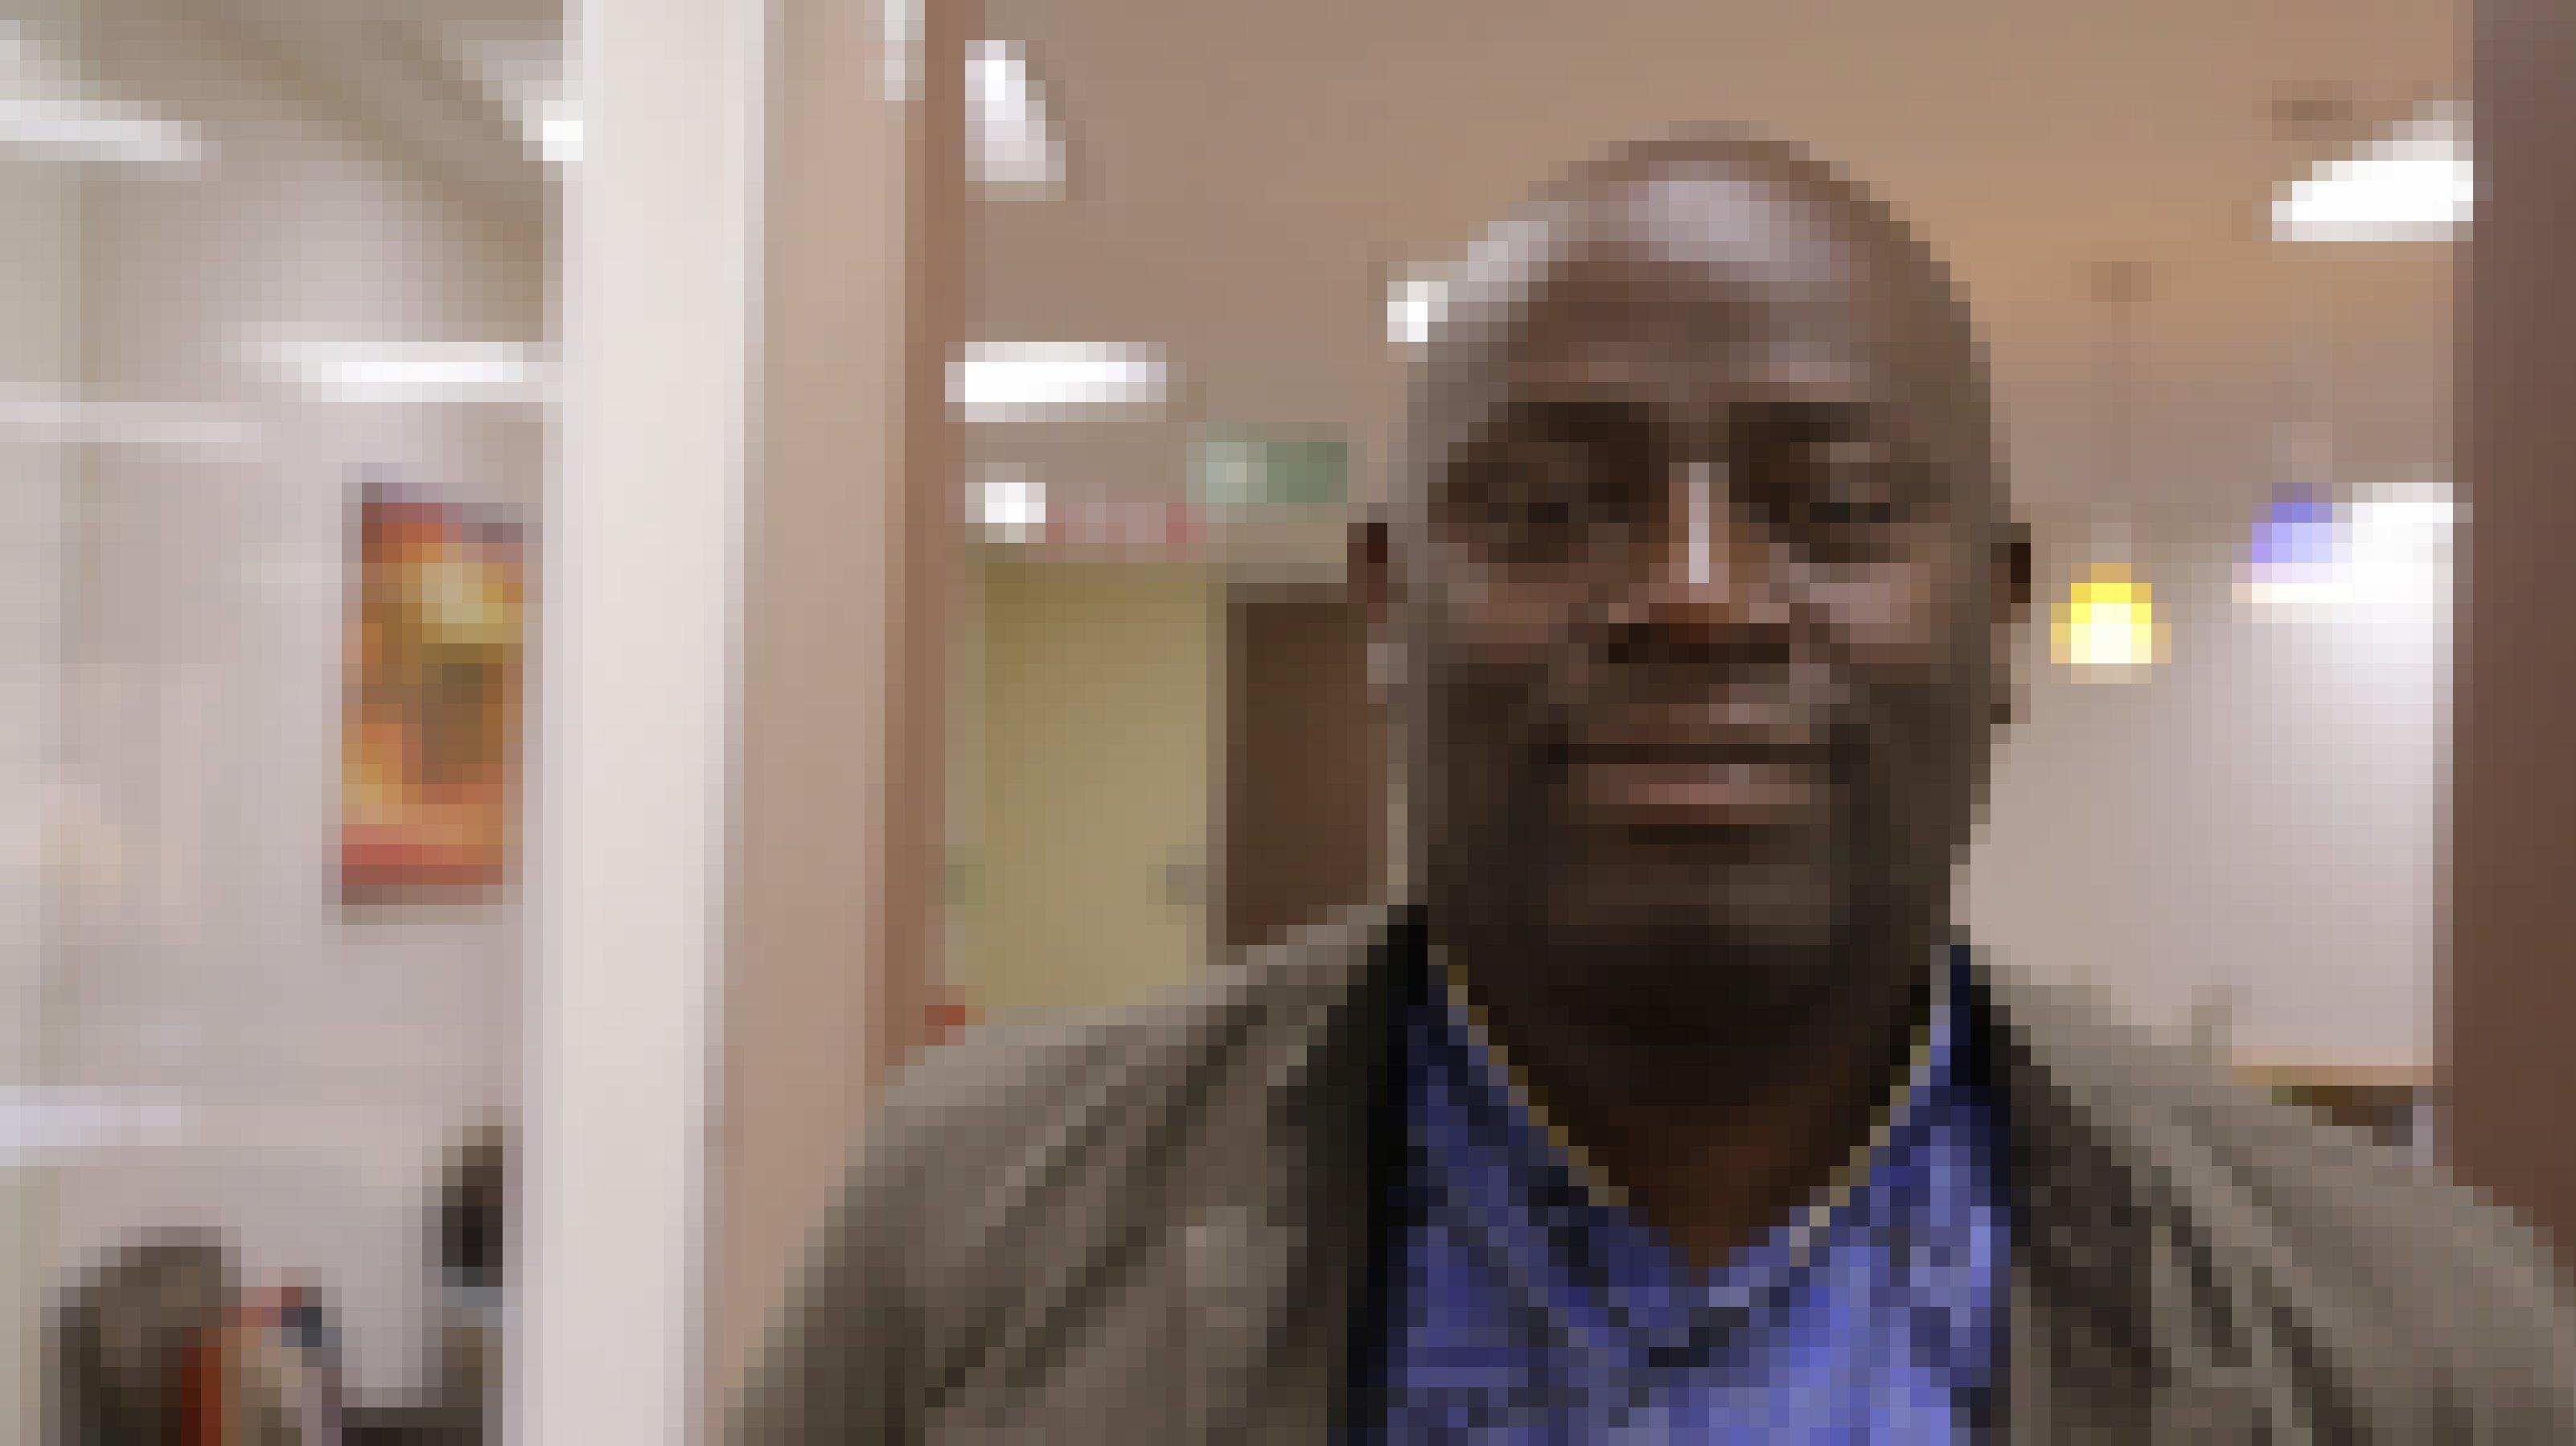 Paul Mulindwa trägt ein blaues Top und eine Jacke darüber, er schaut direkt in die Kamera, der Raum dahinter ist verschwommen